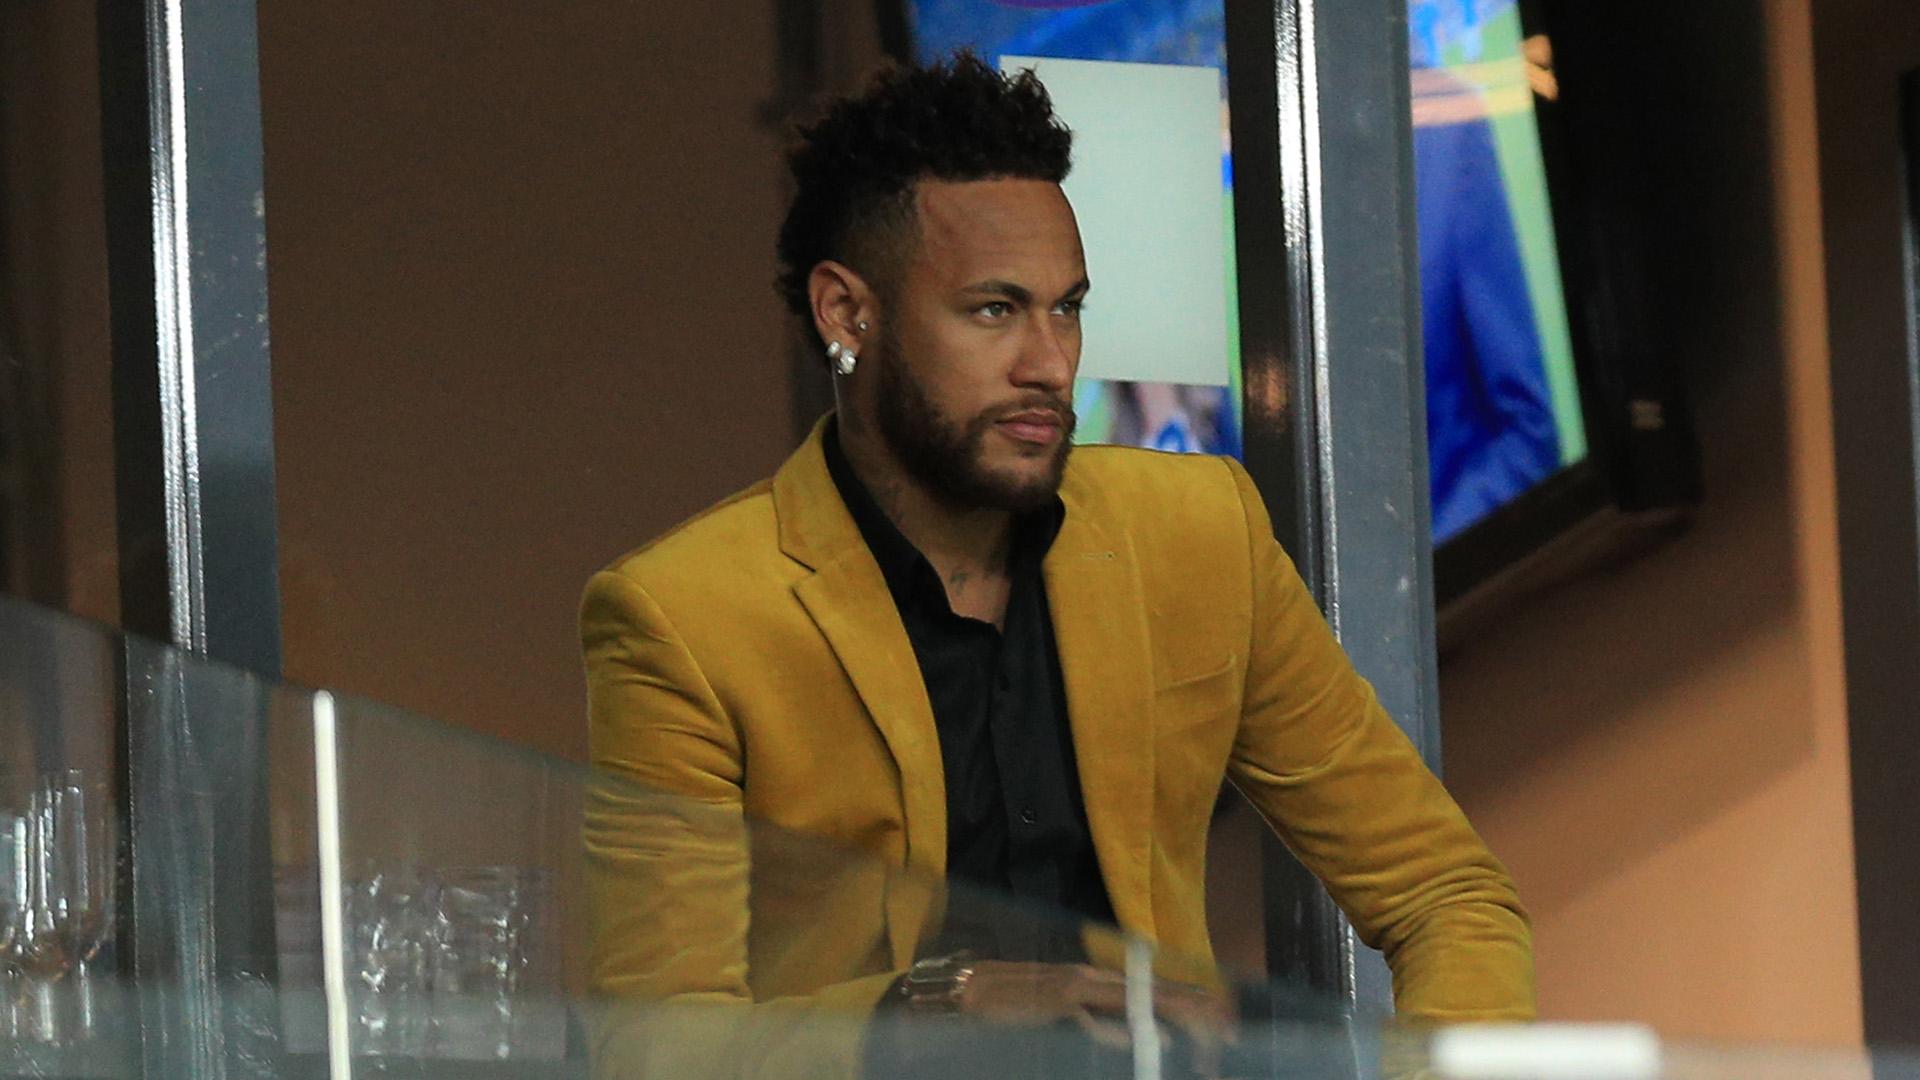 PSG - Les premiers mots de l'entretien de Neymar ont filtré